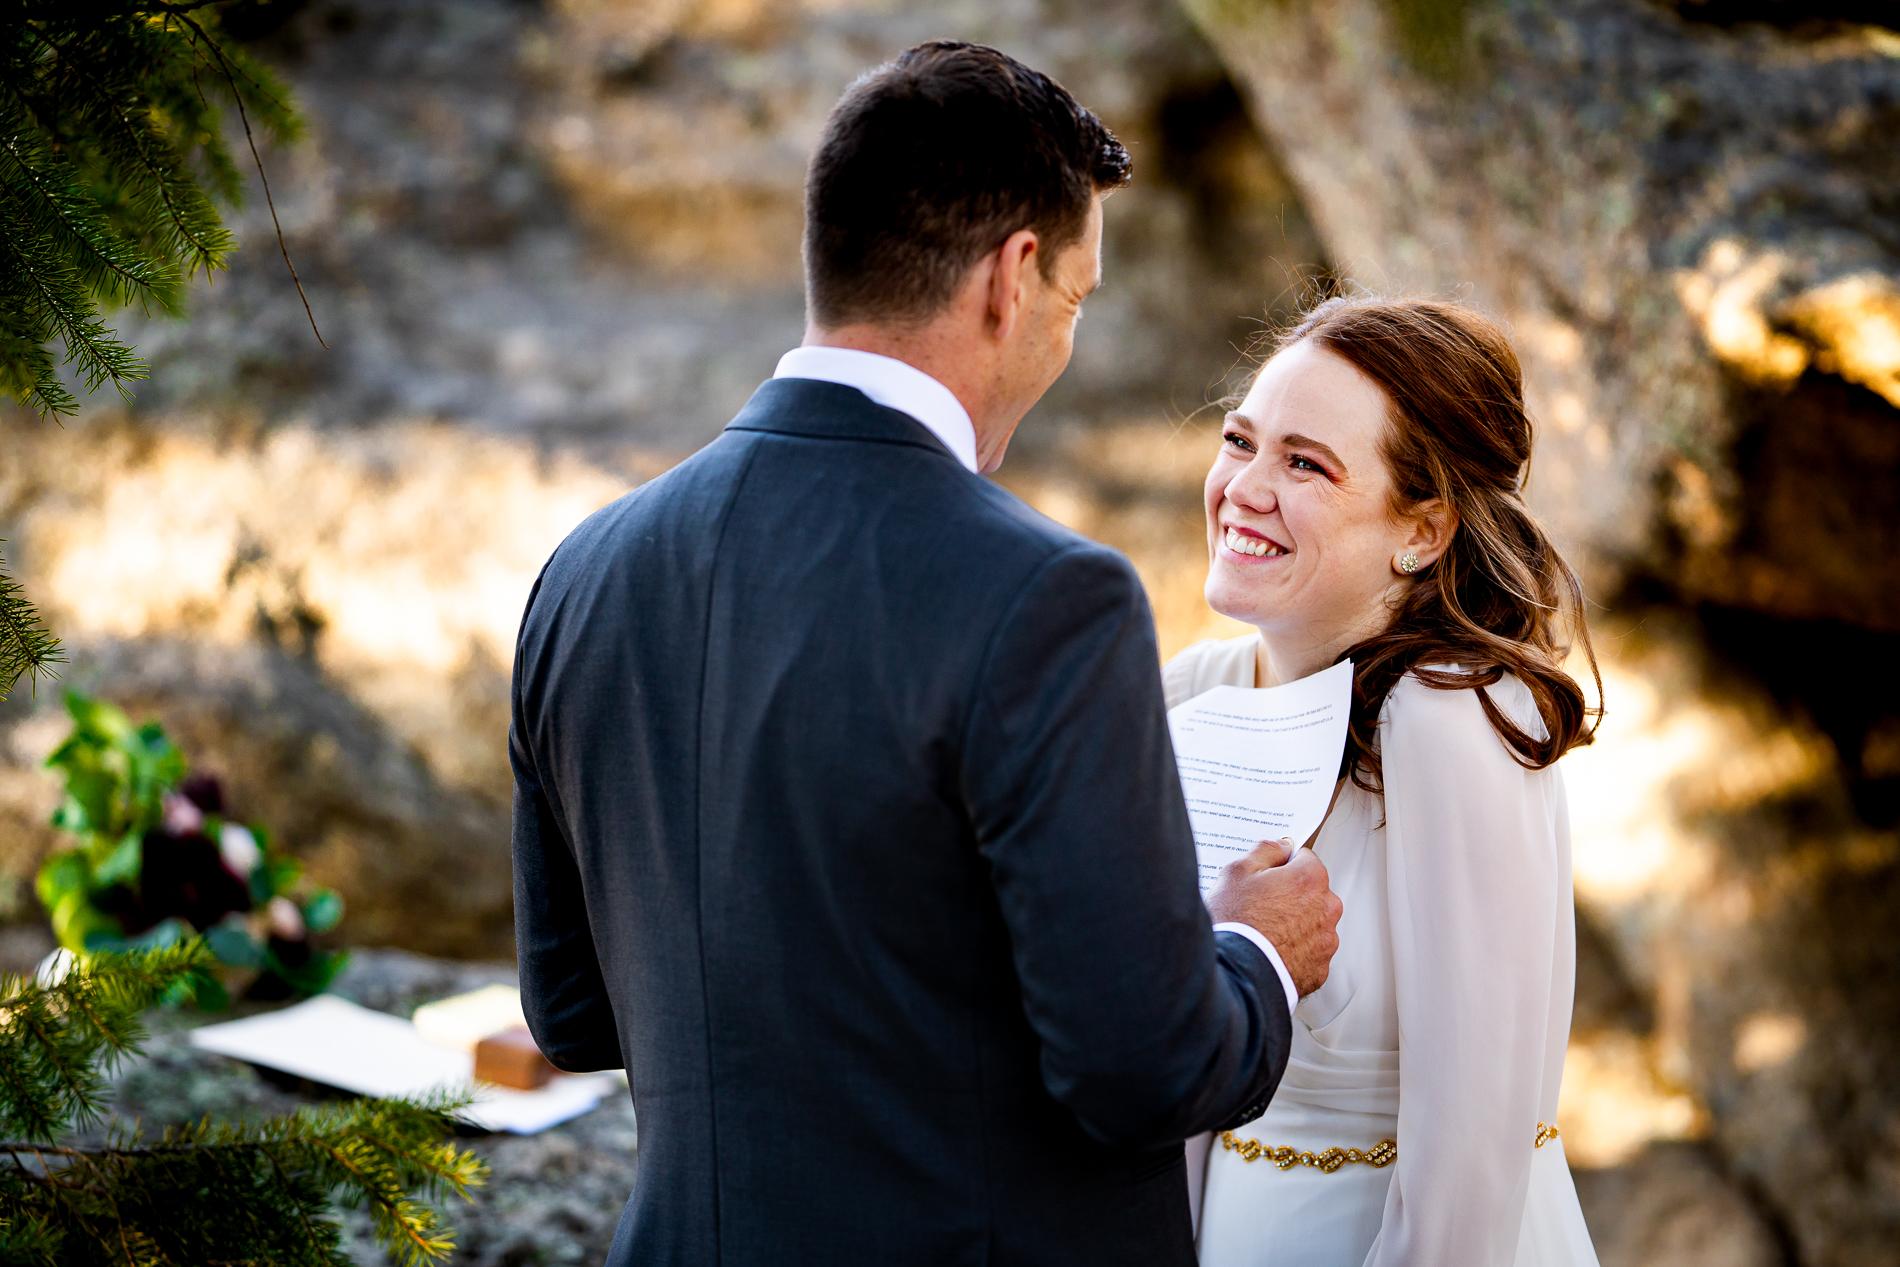 Colorado Elopement Ceremony Photographie | La mariée rit tandis que le marié lui lit ses vœux lors de leur cérémonie privée